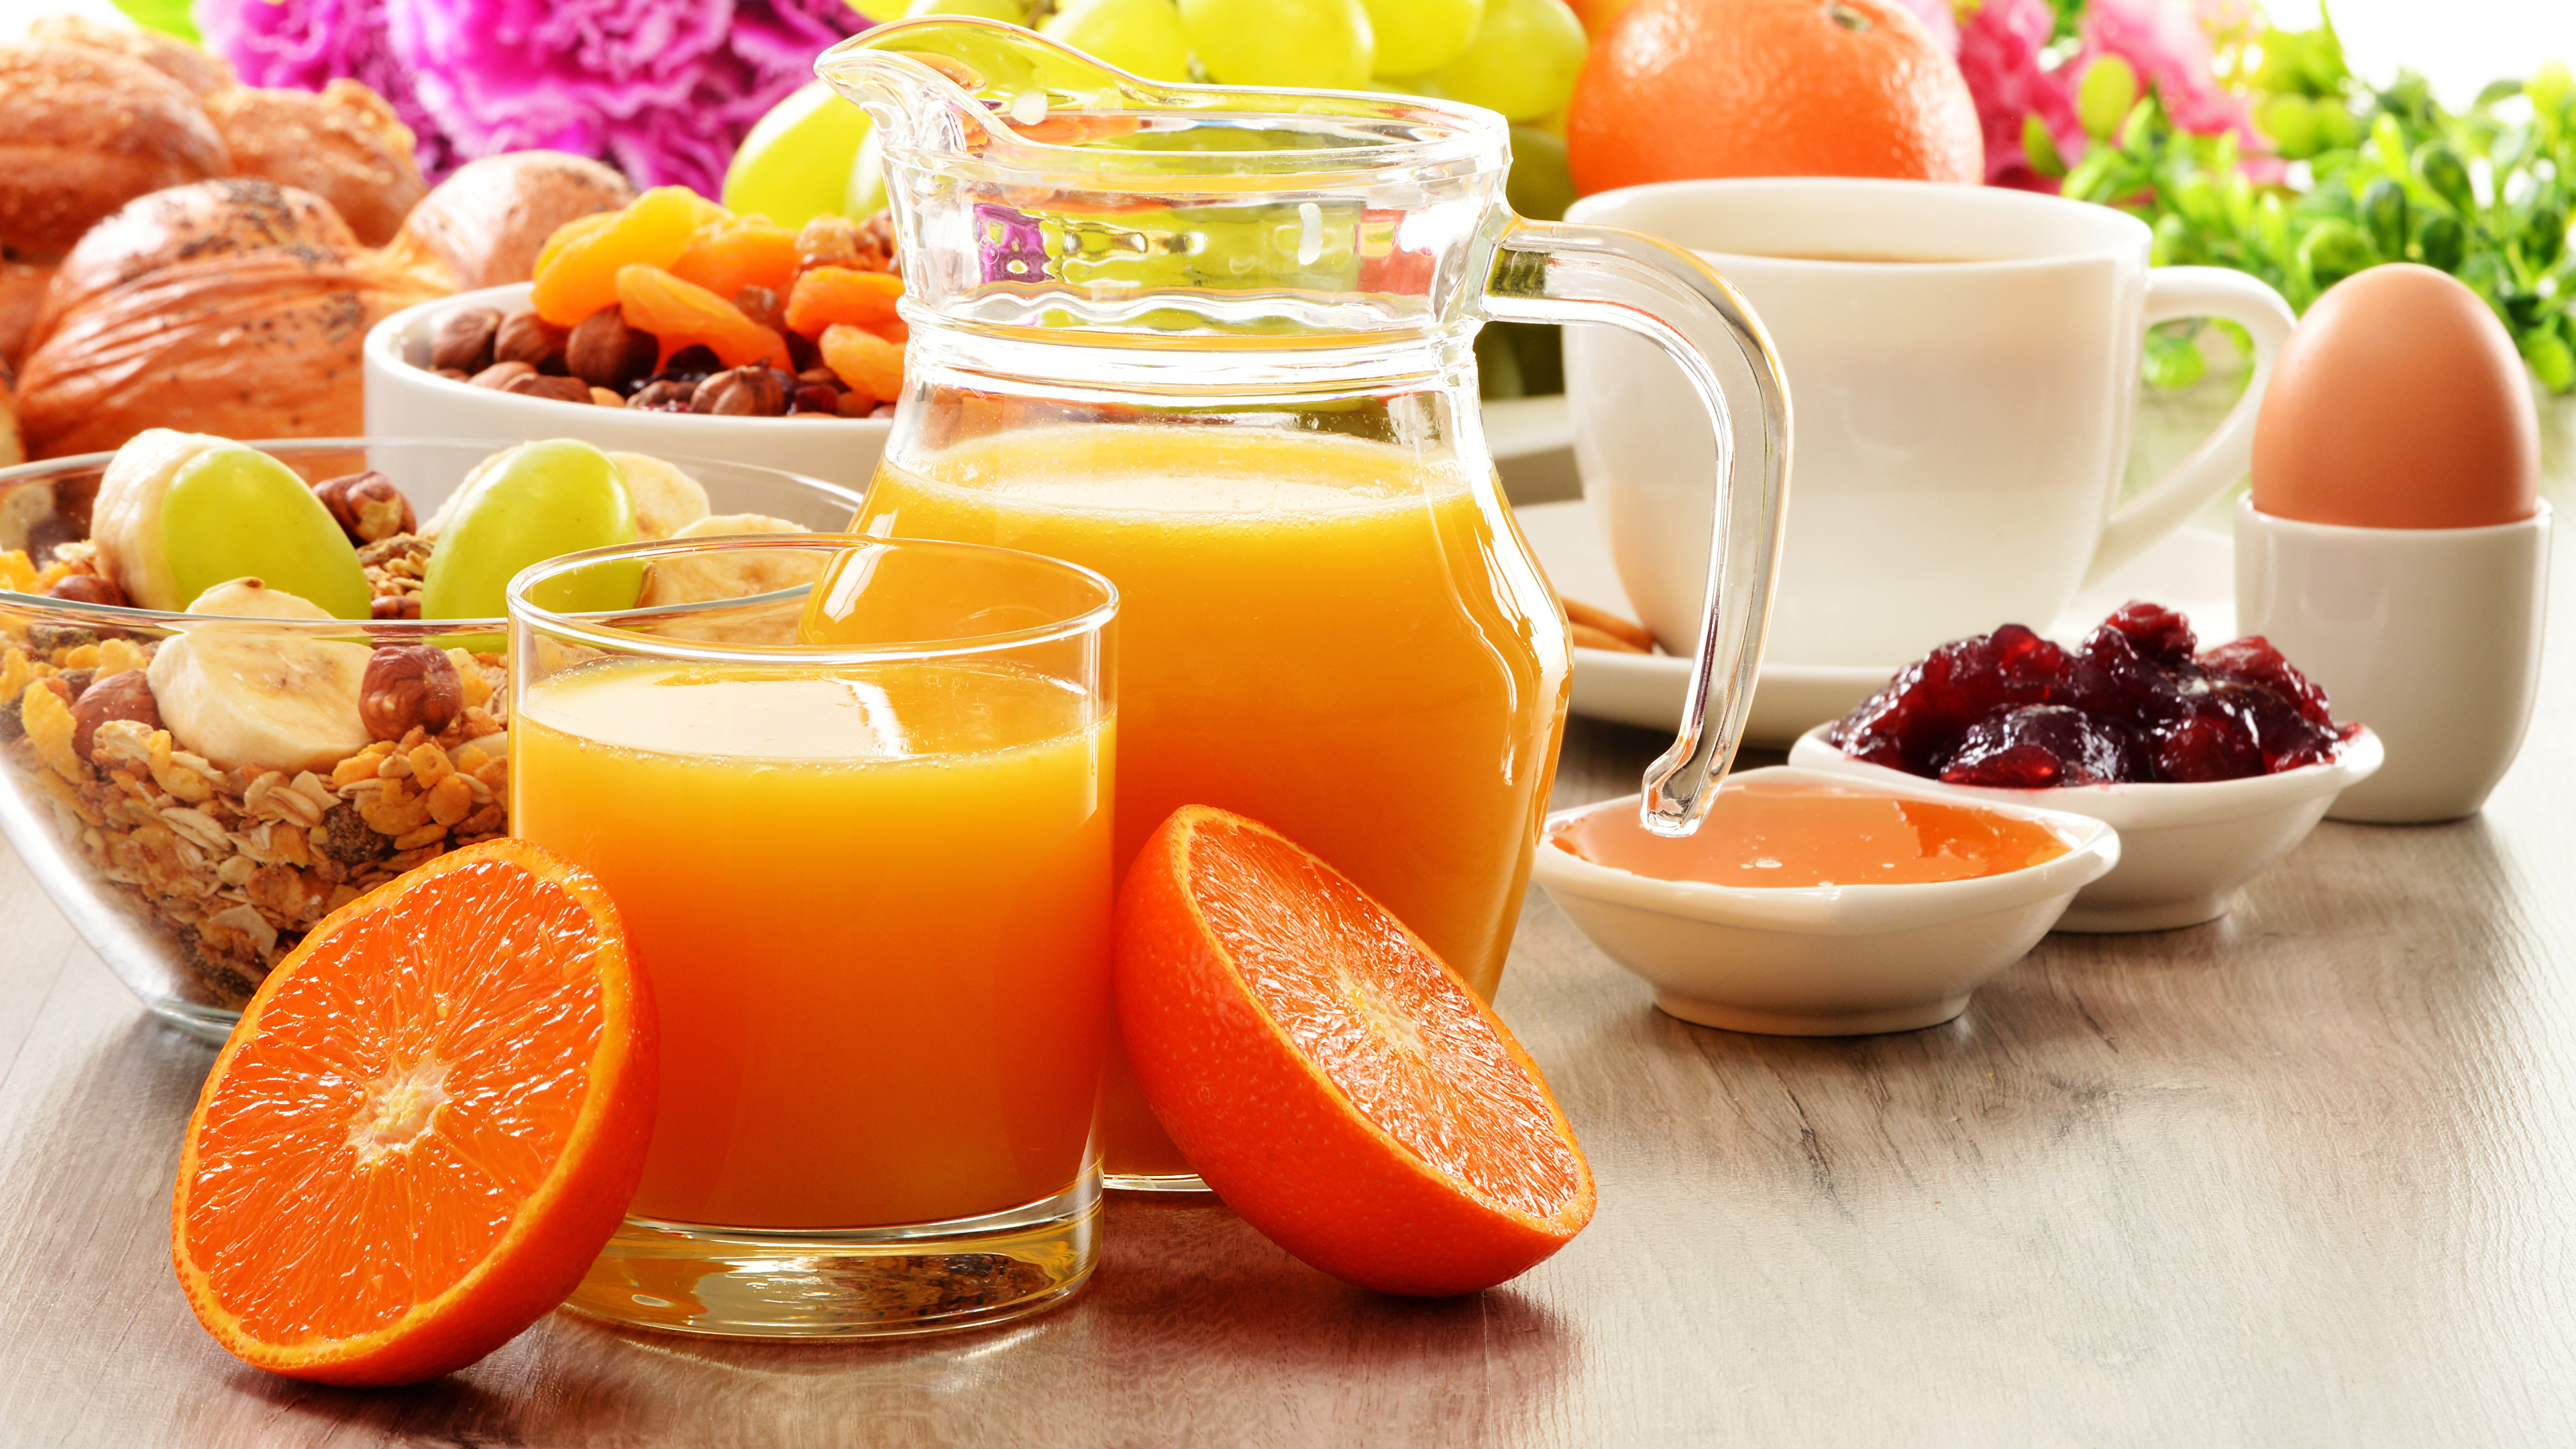 Мюсли сок апельсин в хорошем качестве